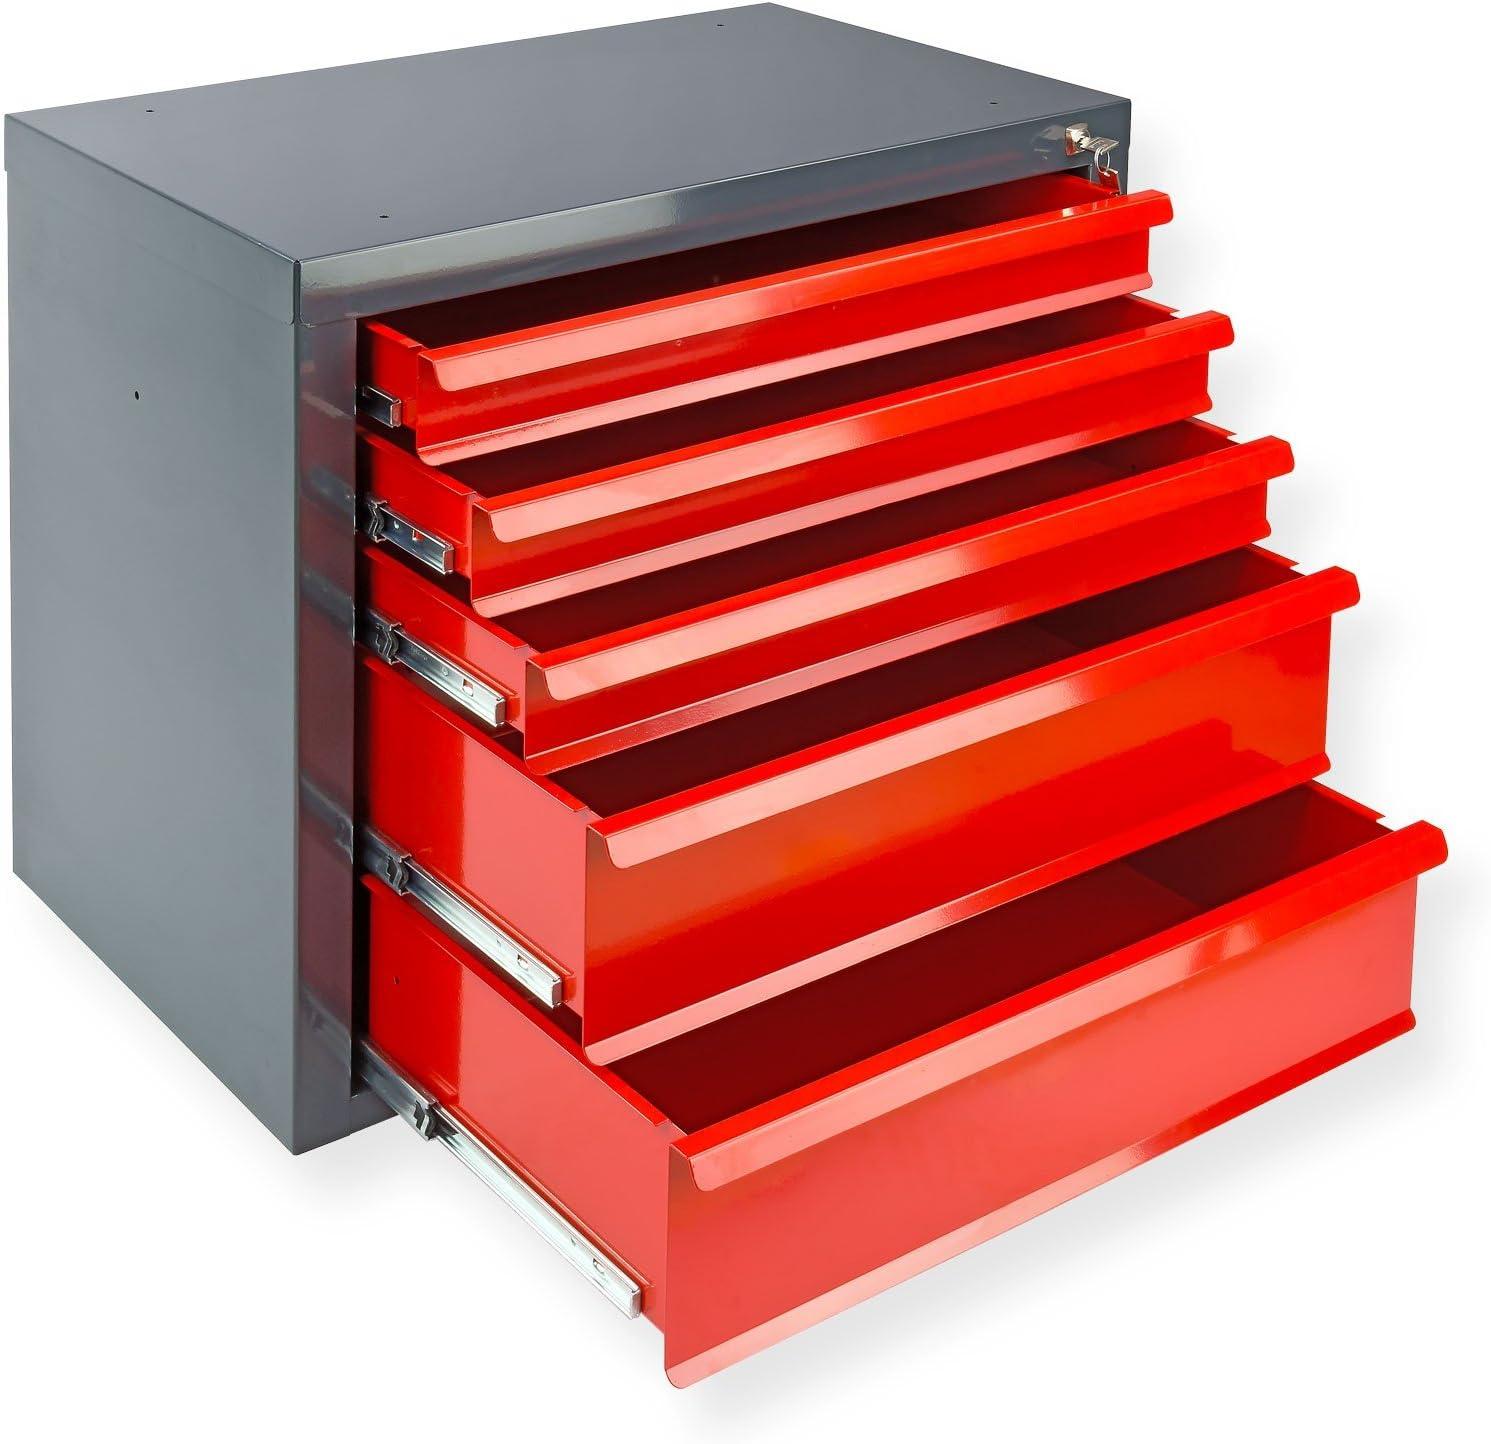 rot DeTec Metall Schubladenschrank #Fernando# mit 5 Schubladen//Unterschrank//Stahlmagazin Werkzeugschrank//Schubladencontainer f/ür B/üro Garage und Werkstatt 70x43.5x60 cm